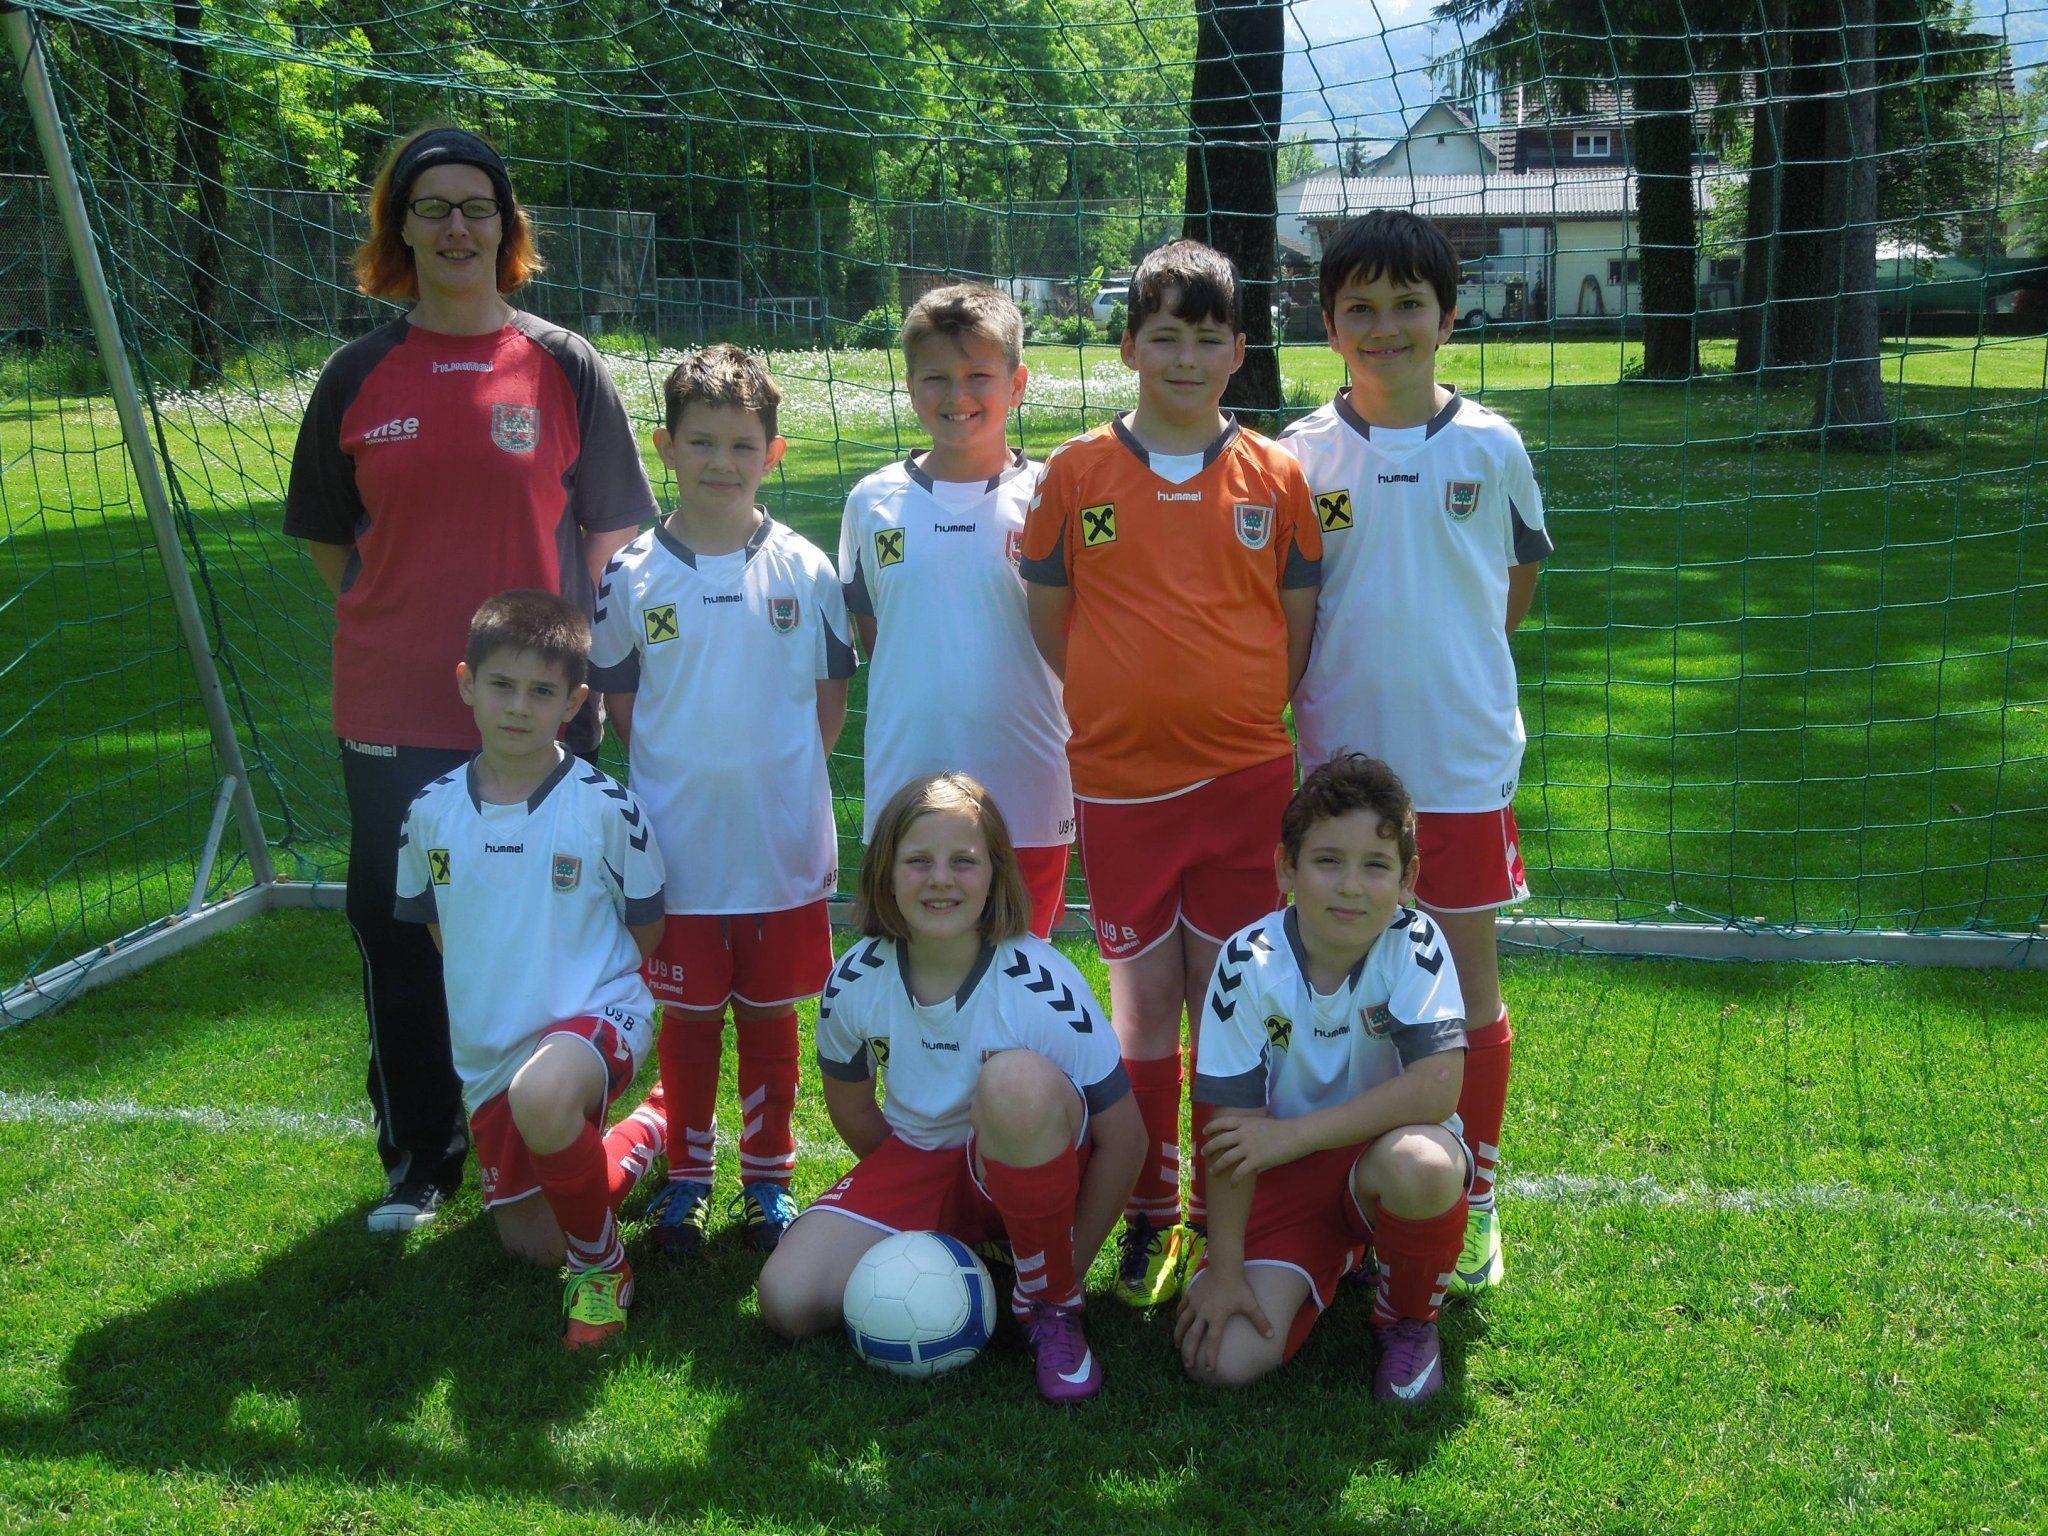 Das Team mit Caro Diem siegte auf der heimischen Birkenwiese am Wochenende gegen den FC Lustenau mit 6:4.